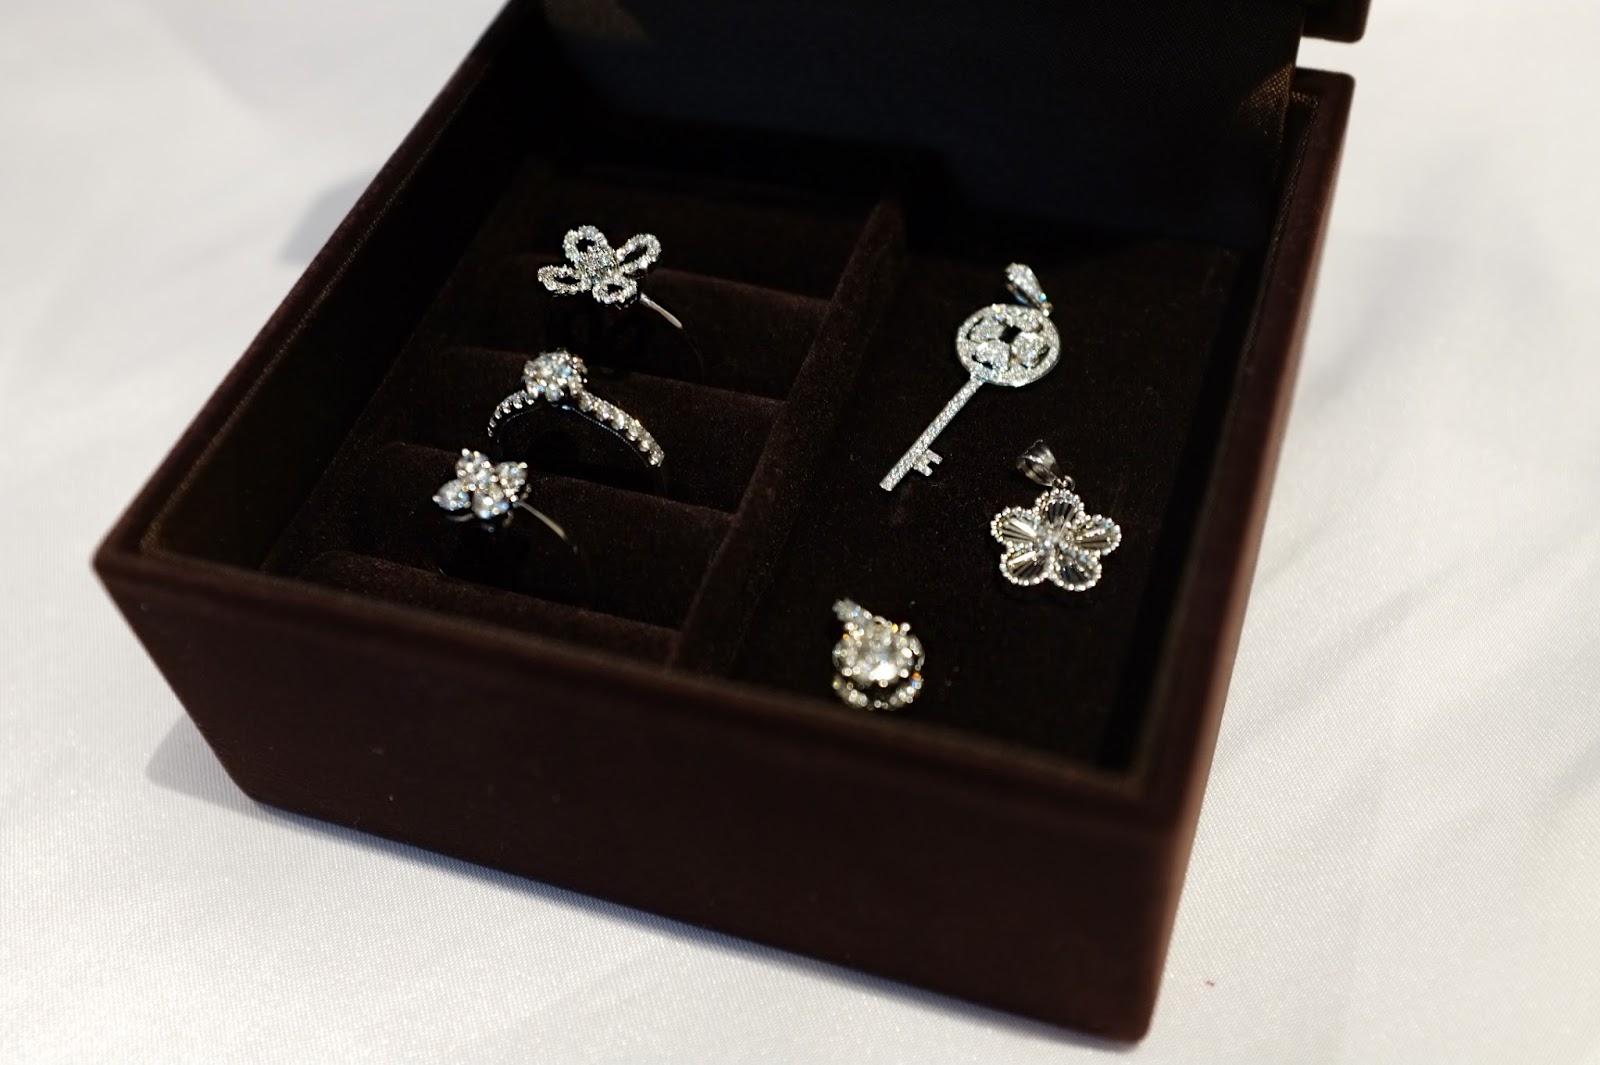 The Perfect Christmas Gift Cathy Sie 1 Set Perhiasan Batu Untuk Mempermudah Kalian Aku Mempunyai 3 Terdiri Dari Cincin Dan Kalung Yang Pilih Sendiri 6 Barang Ini Adalah Pilihanku Favorit